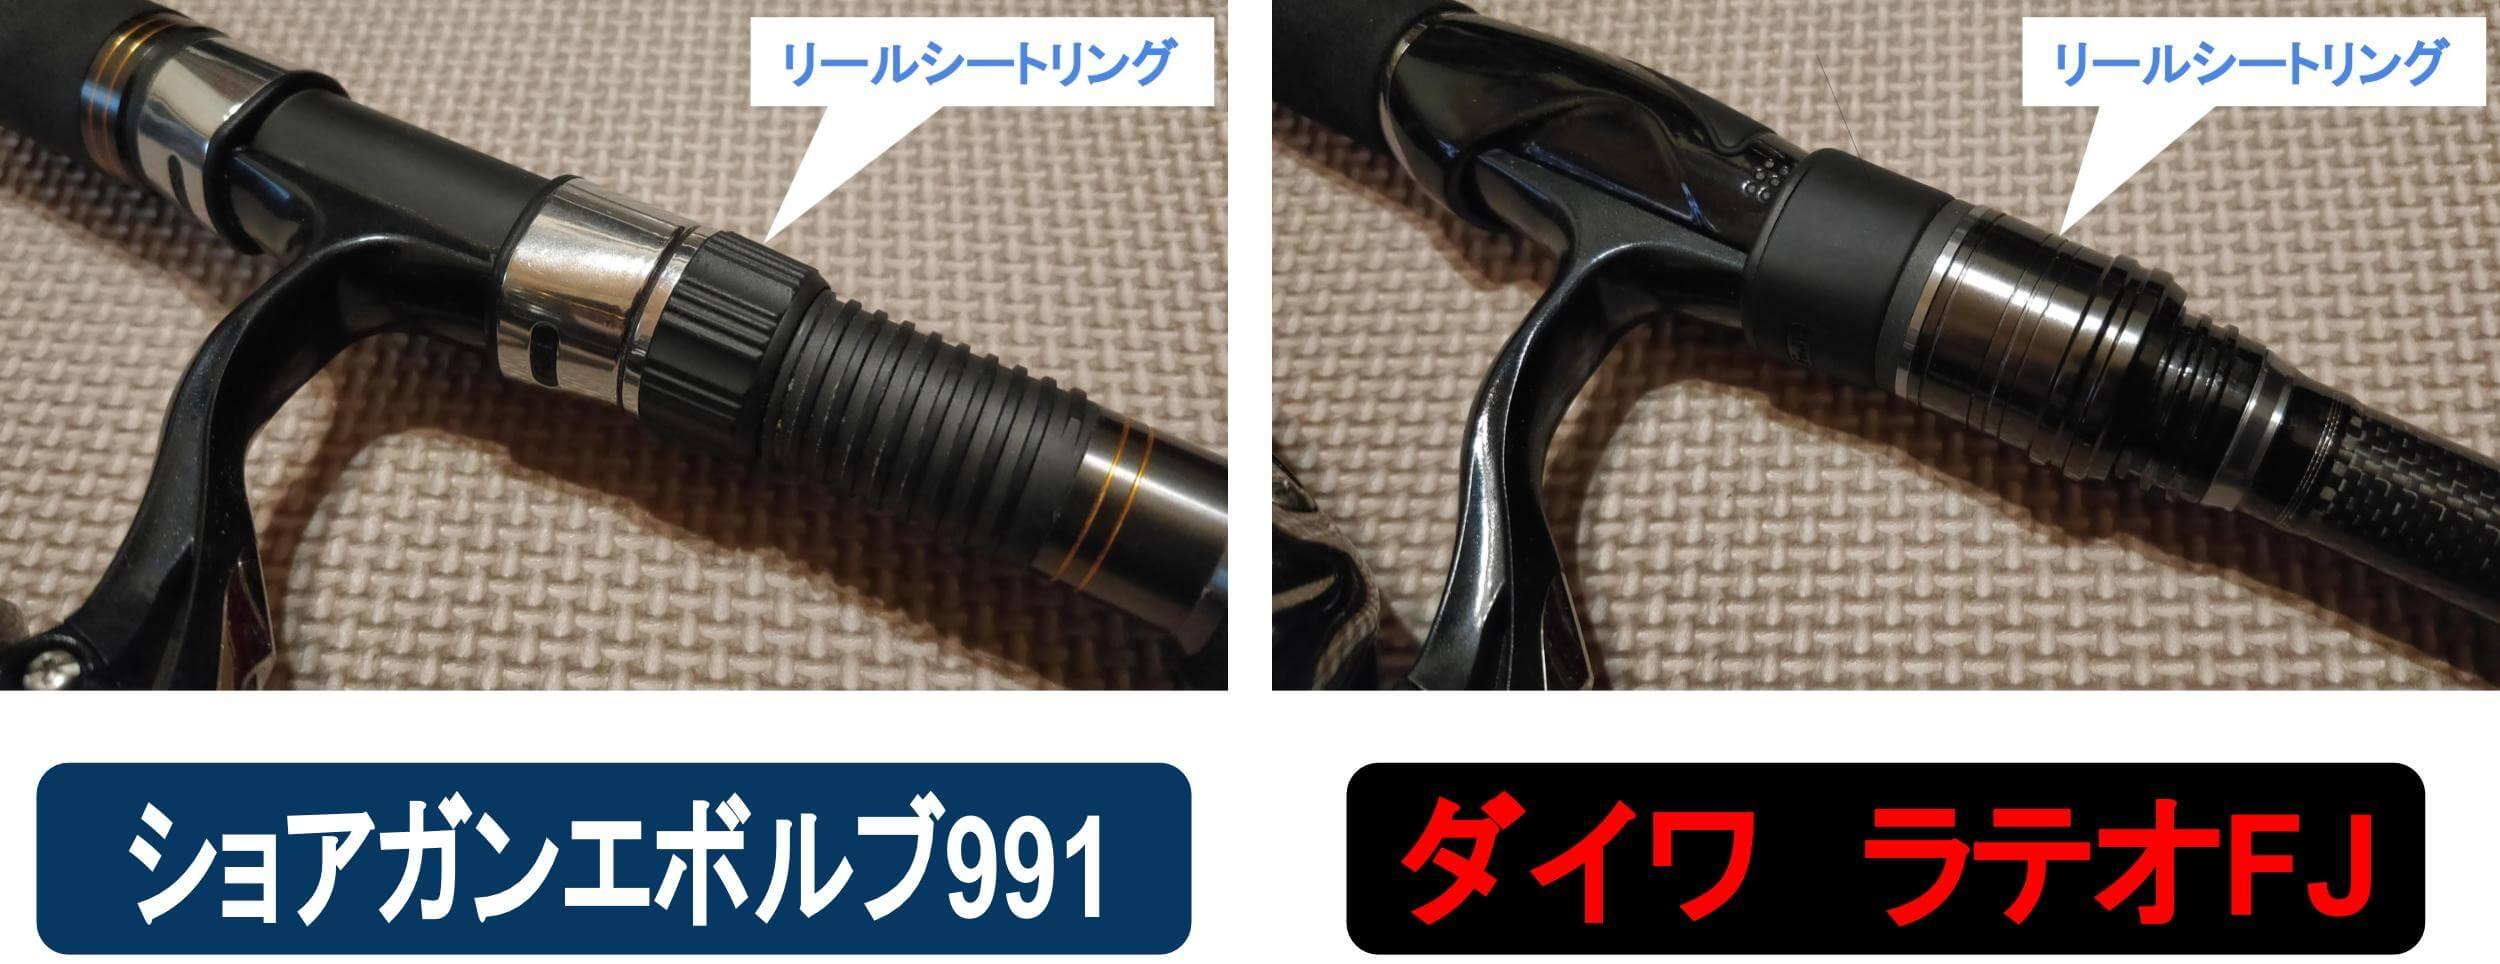 ショアガンエボルブ991とラテオFJのリールシートリングの比較